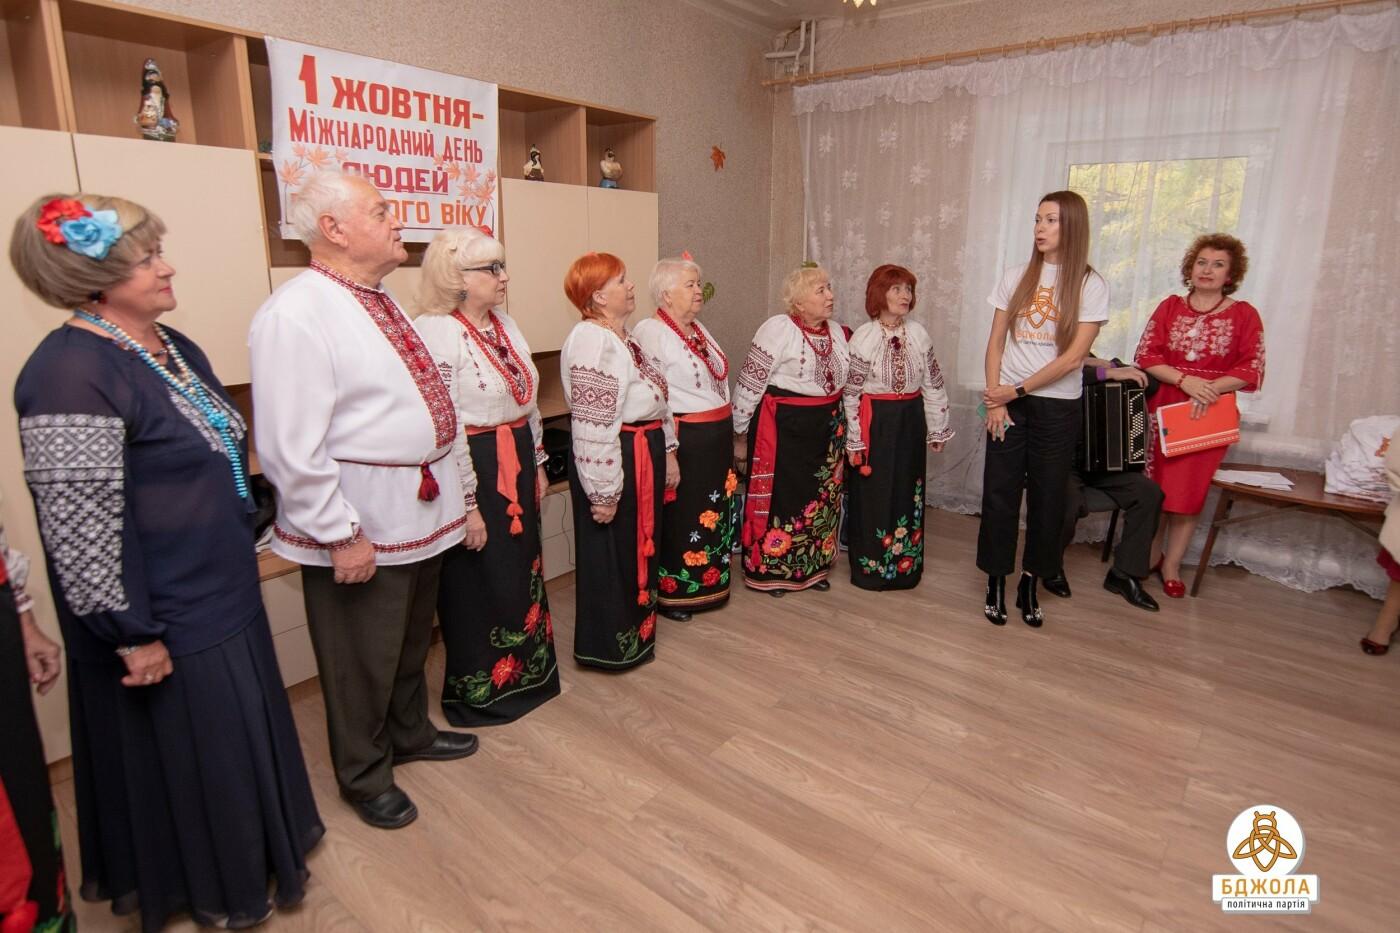 В Международный день пожилых людей «Бджола» поздравила подопечных каменских Терцентров, фото-4